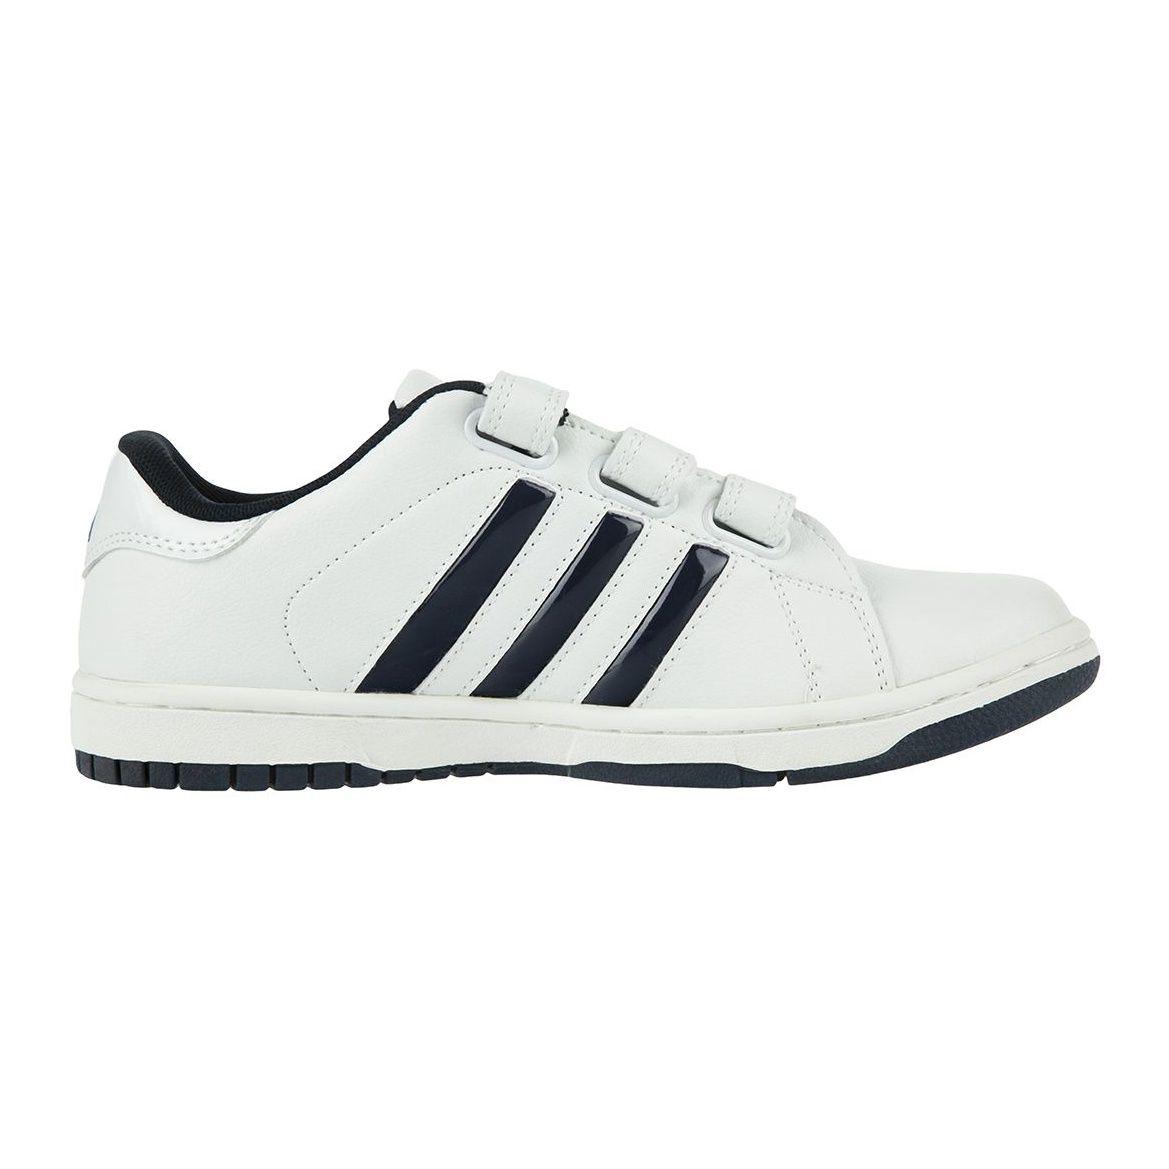 کفش مخصوص پیاده روی زنانه ویوا کد B3617 -  - 4